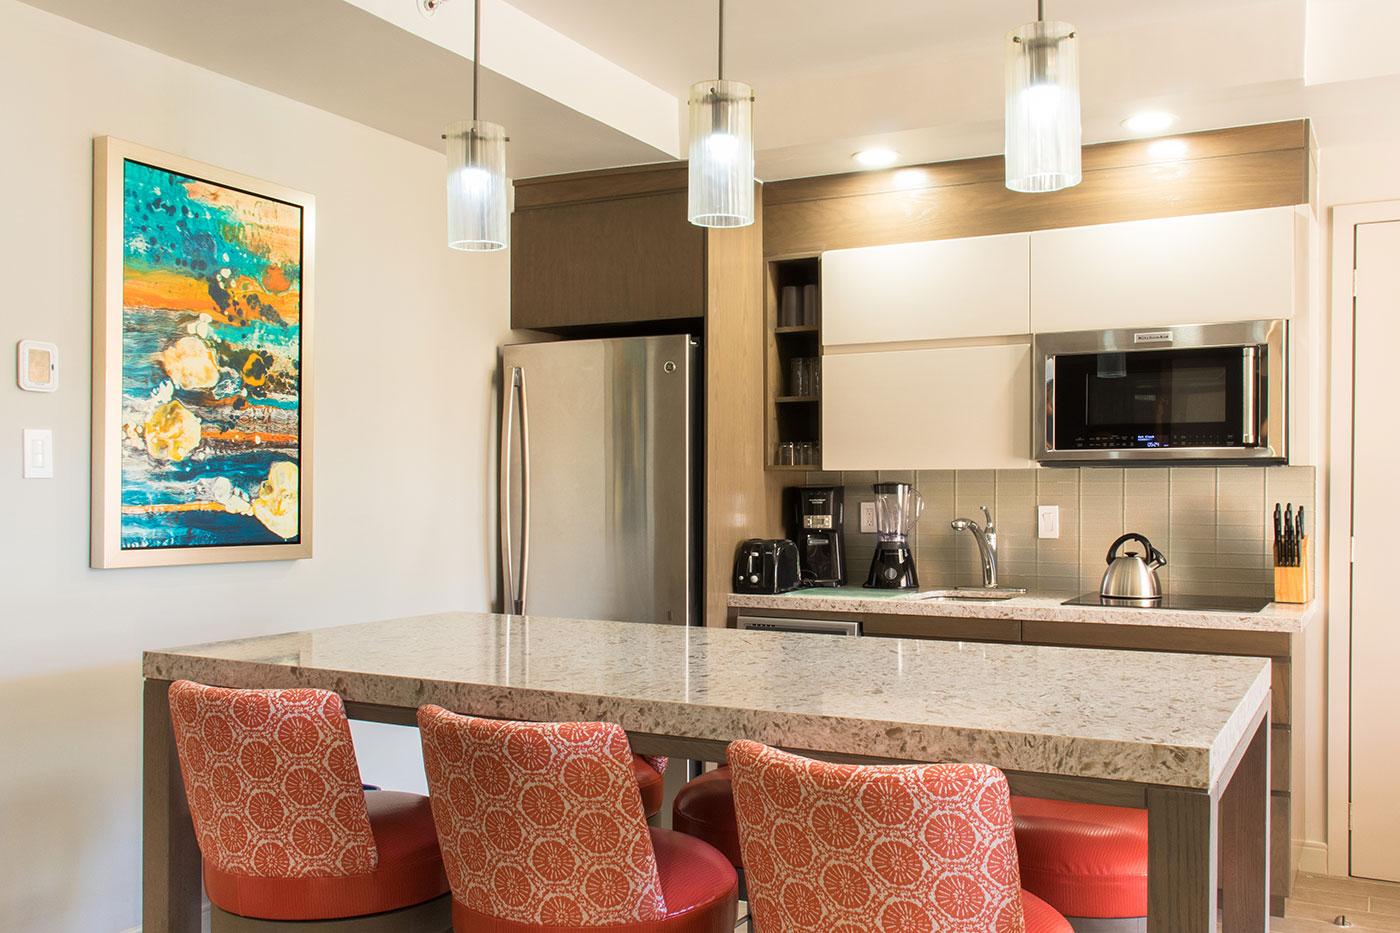 Proyectos SPAD Constructora, Remodelación de habitaciones Westin, Barra y cocina decoración, Diseño de Interiores, Arquitectura, Puerto Vallarta, Jalisco, México